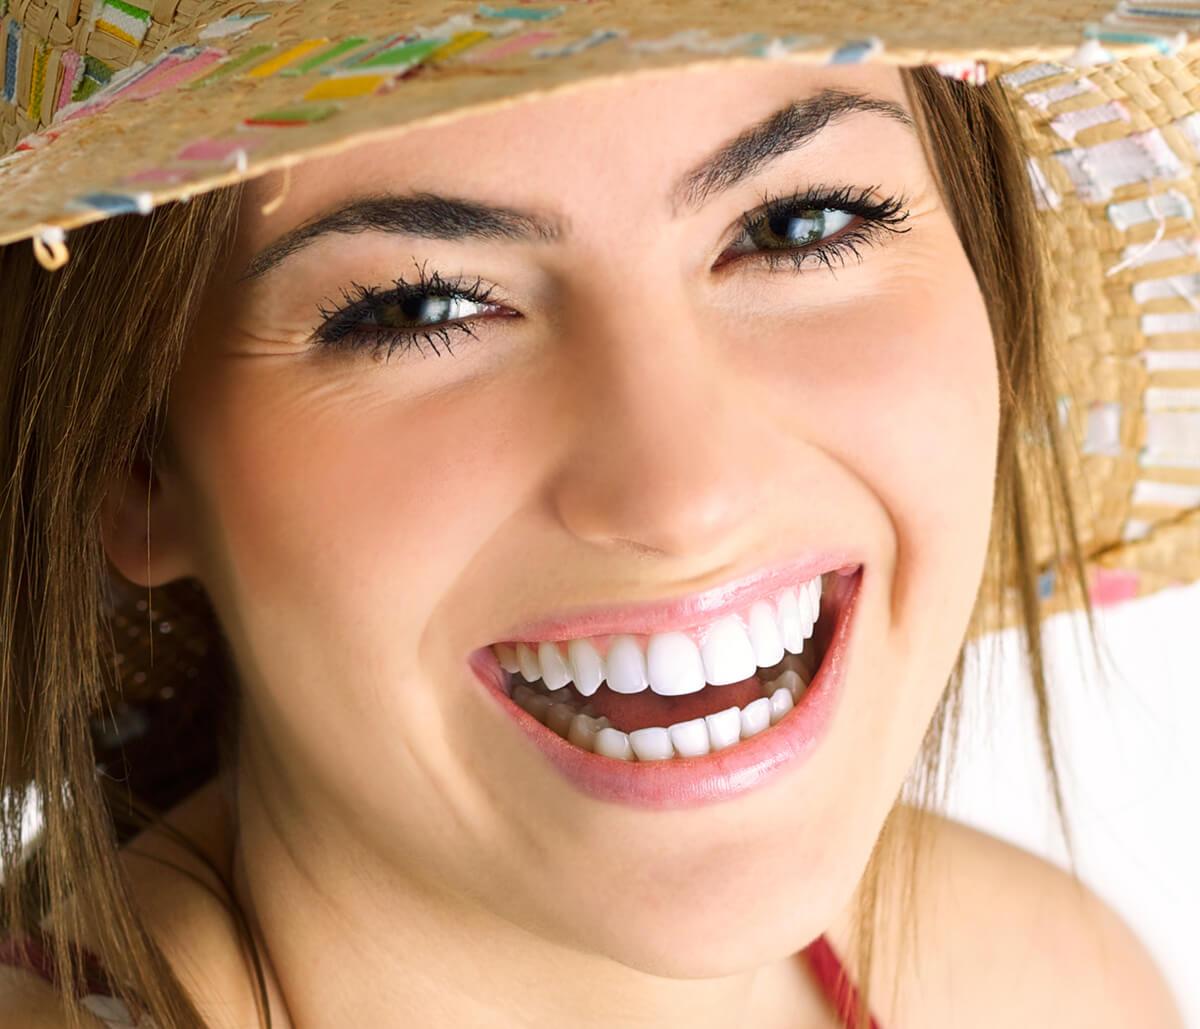 Teeth Veneers Treatment in Milton ON Area